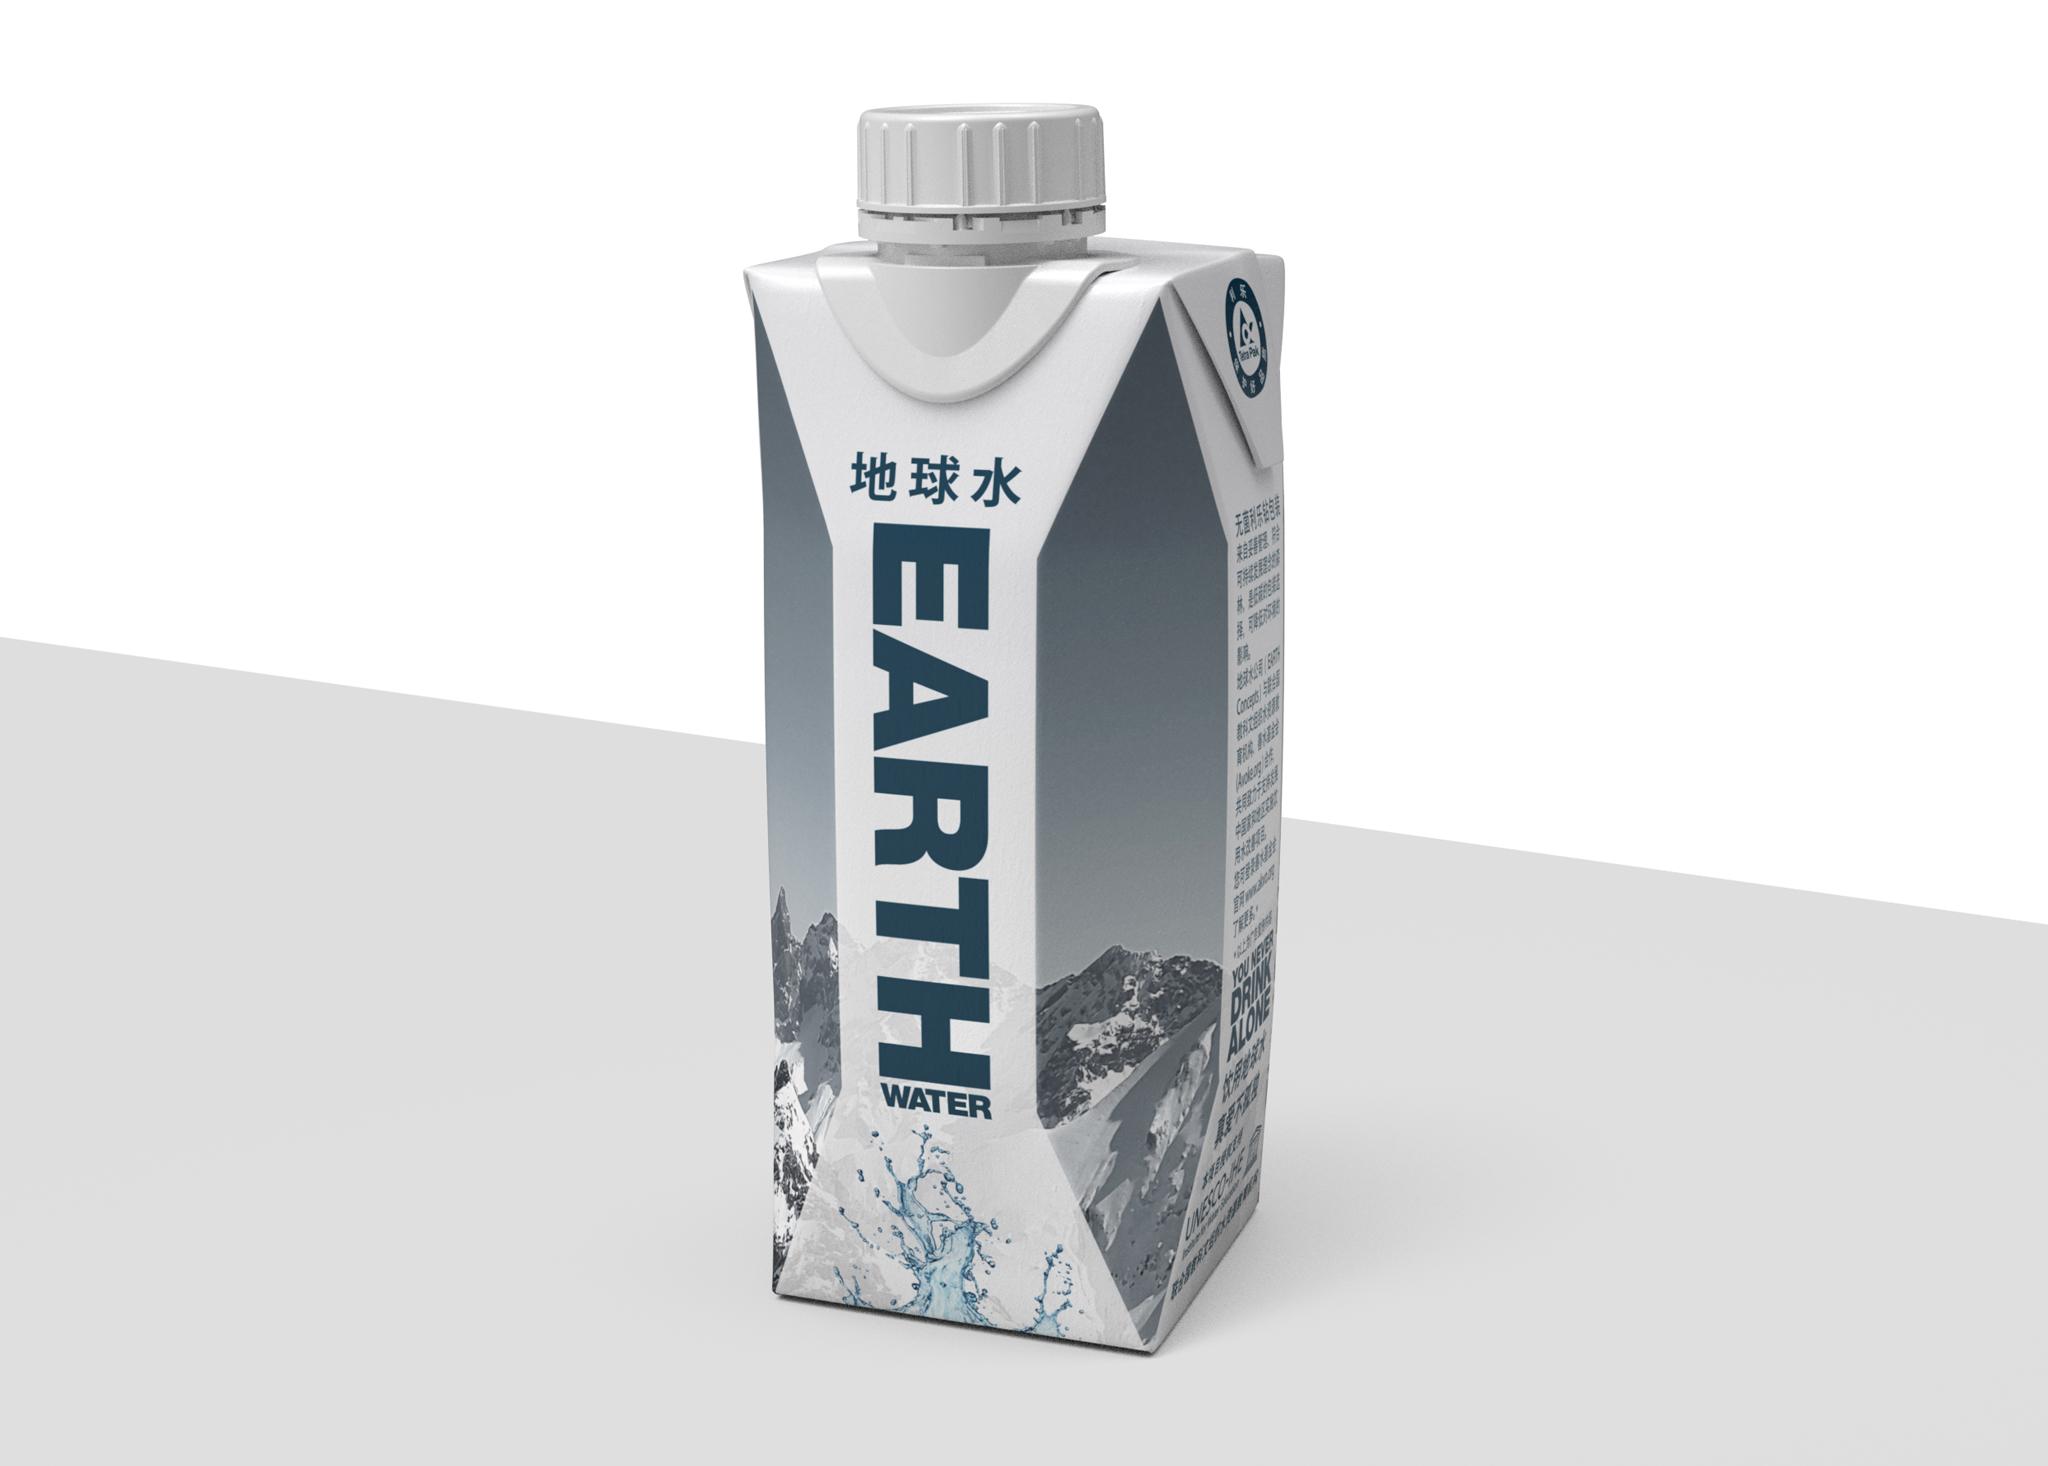 Tetra Pak Earth Water Joakim Sj 246 Gren